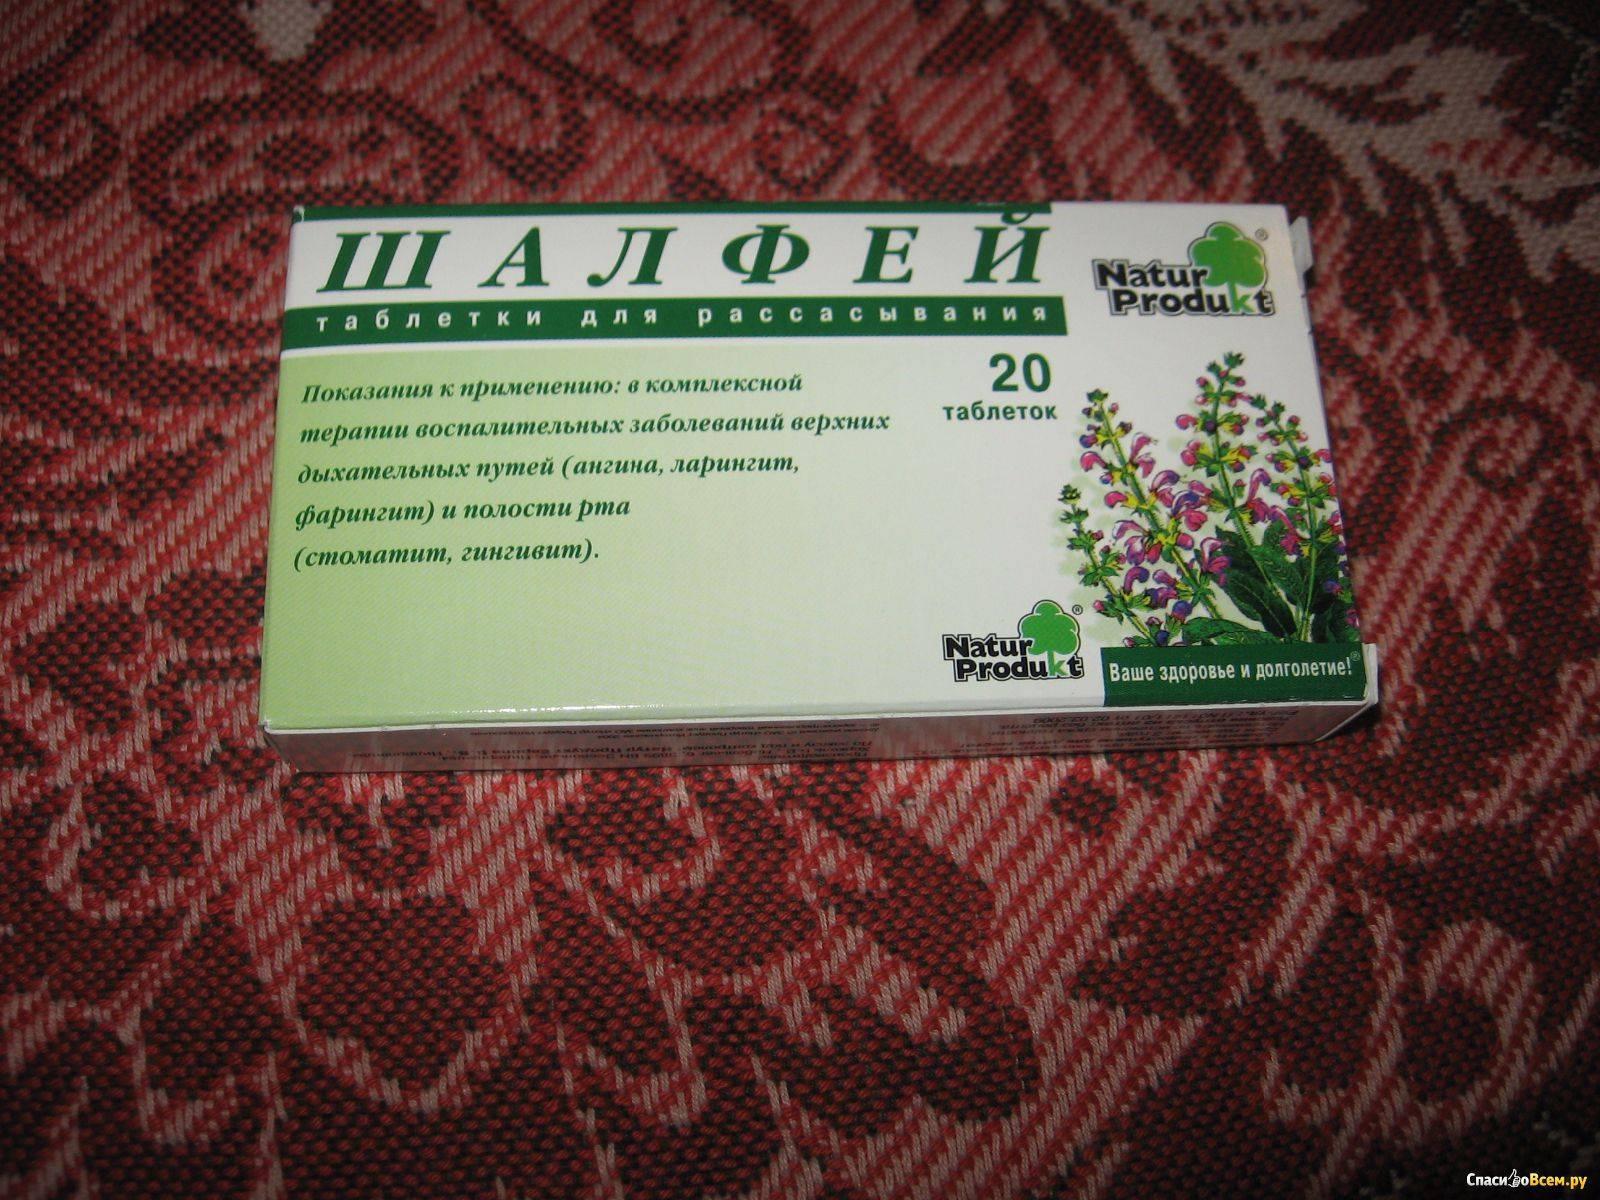 Шалфей для детей: лечебные свойства и противопоказания, применение от кашля, с какого возраста можно давать для полоскания горла, таблетки для рассасывания